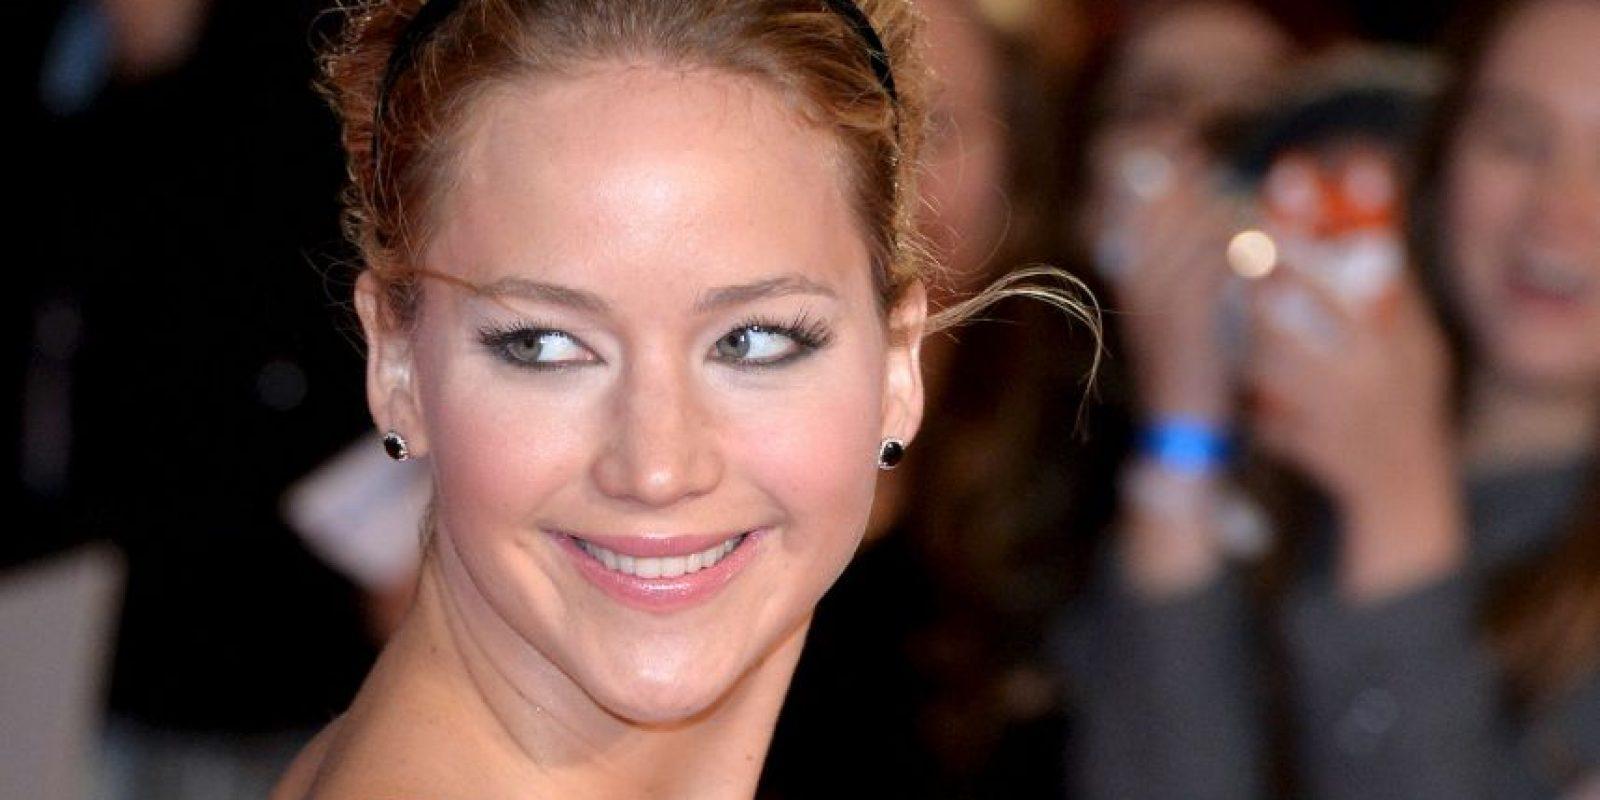 """La revista Forbes la posicionó en el puesto número 12 en su lista de """"Las celebridades más poderosas del mundo"""" Foto:Getty Images"""